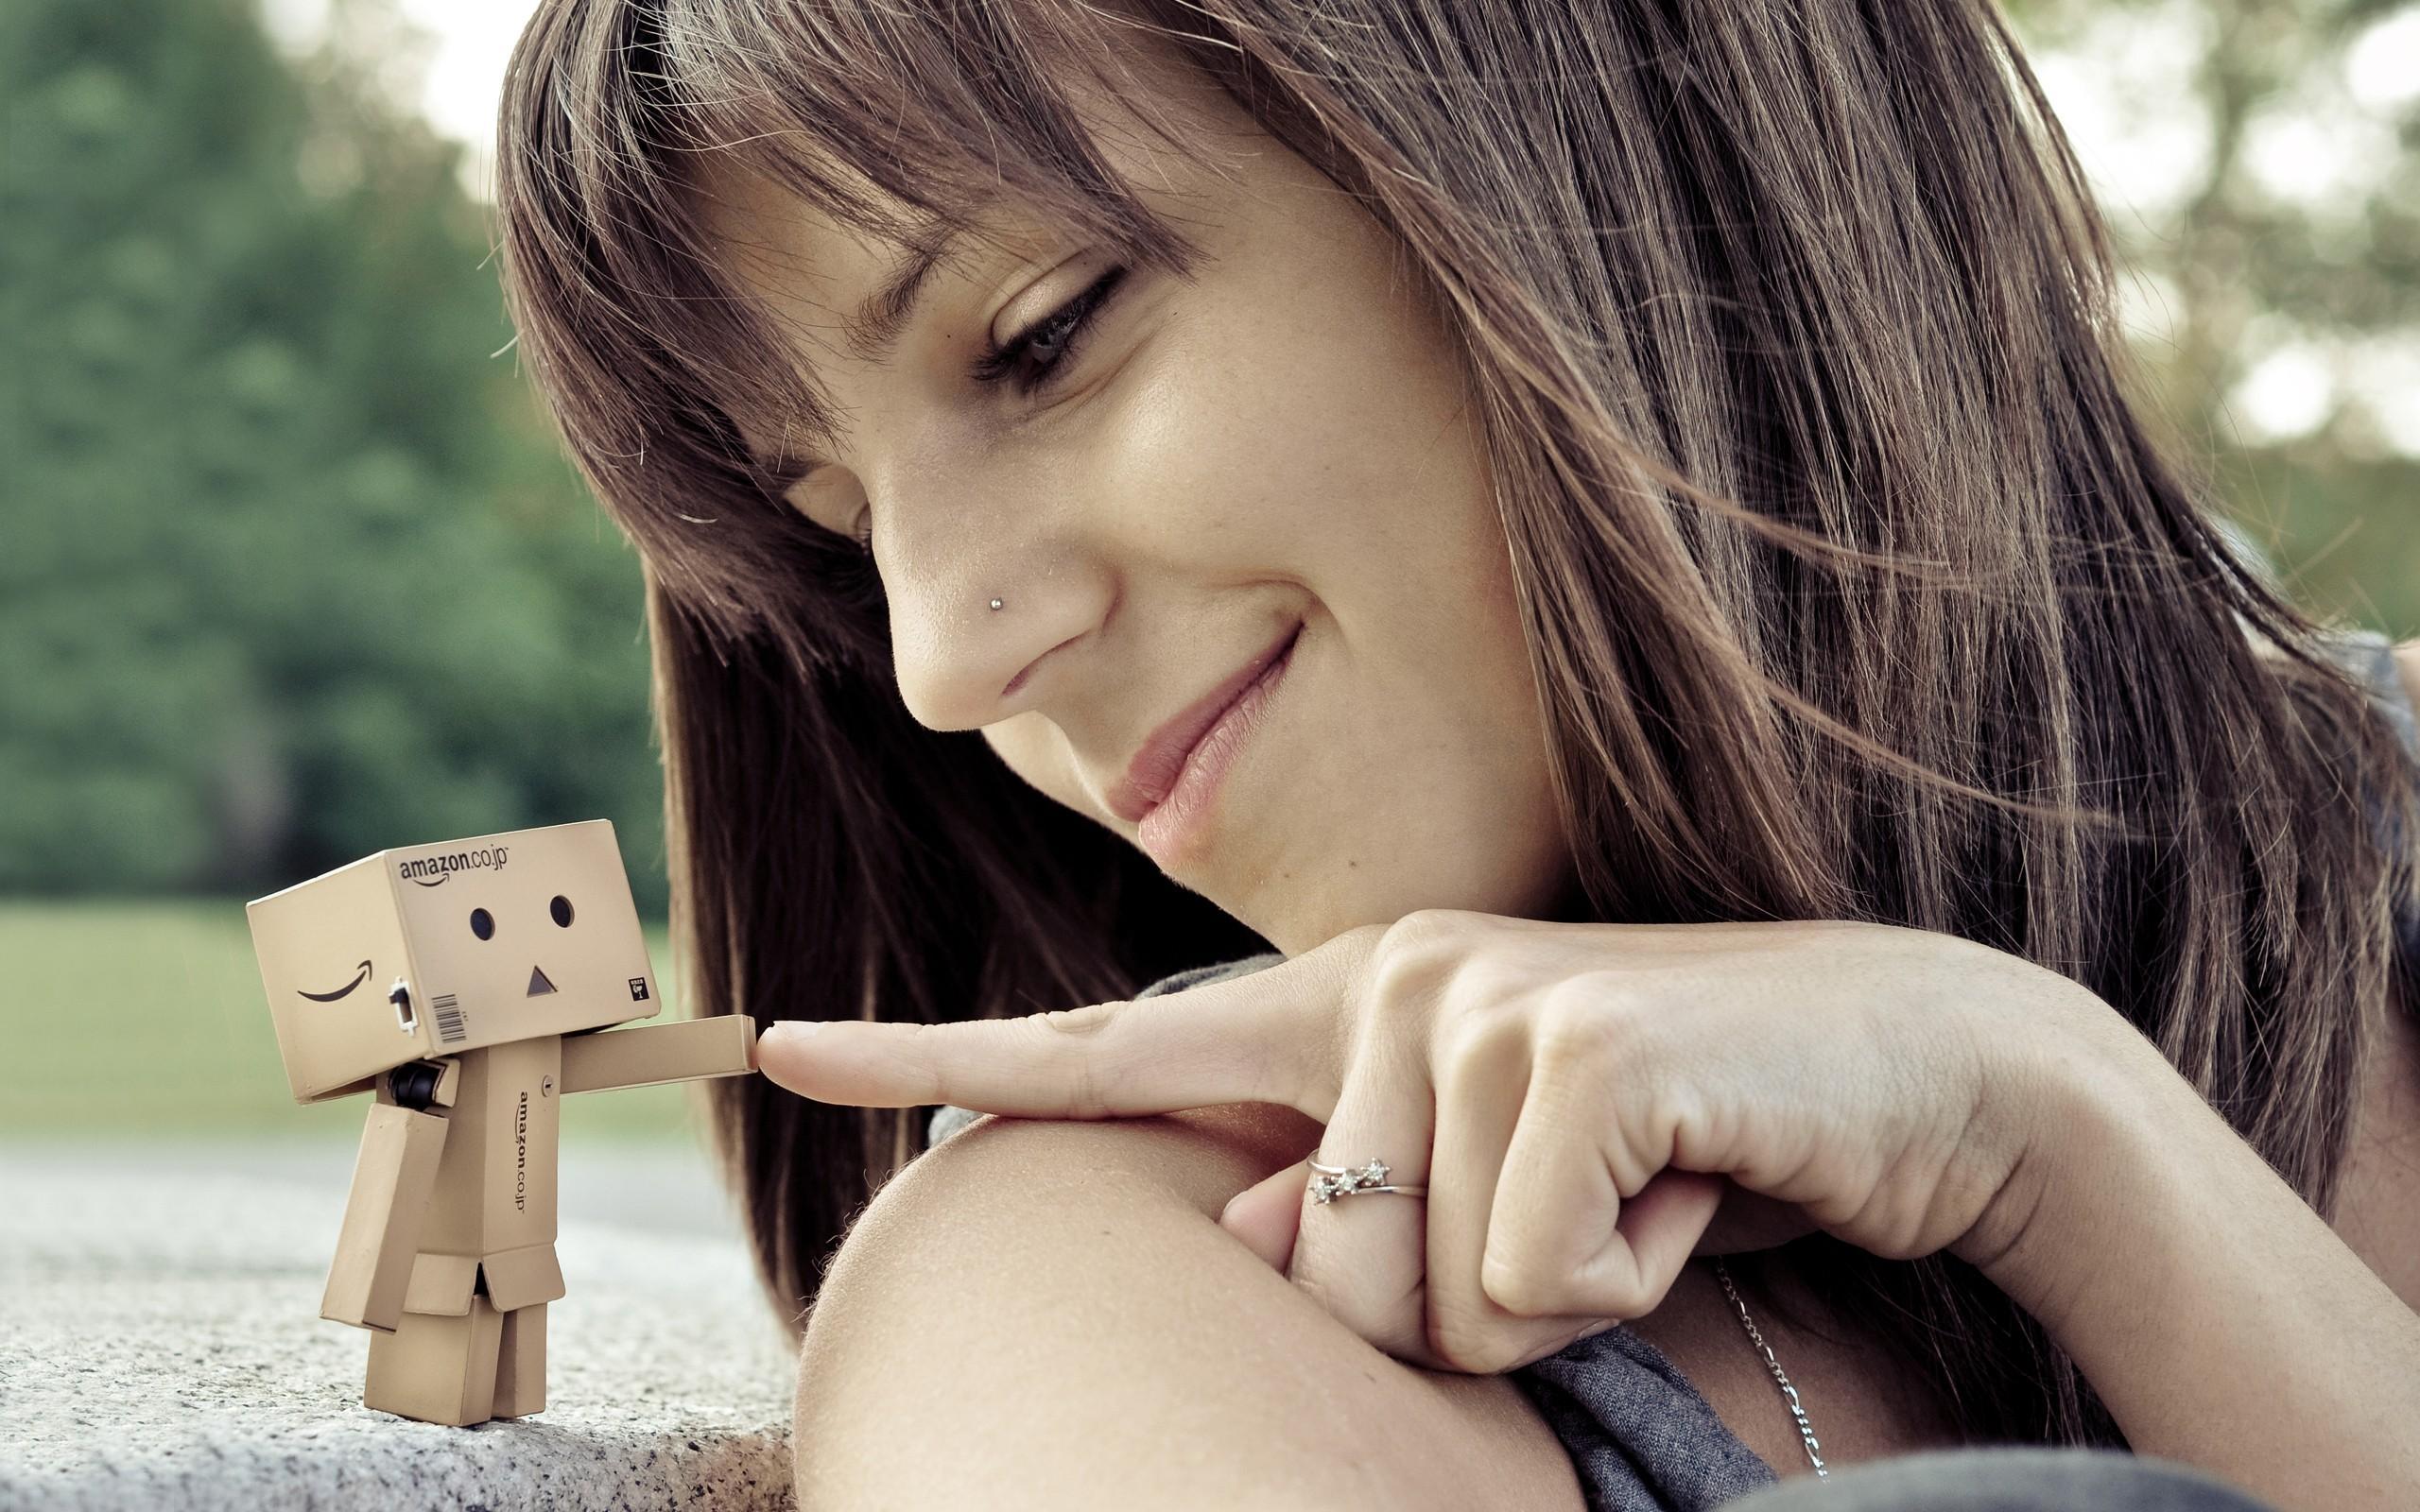 Фото красивых девушек с игрушками внутри 4 фотография